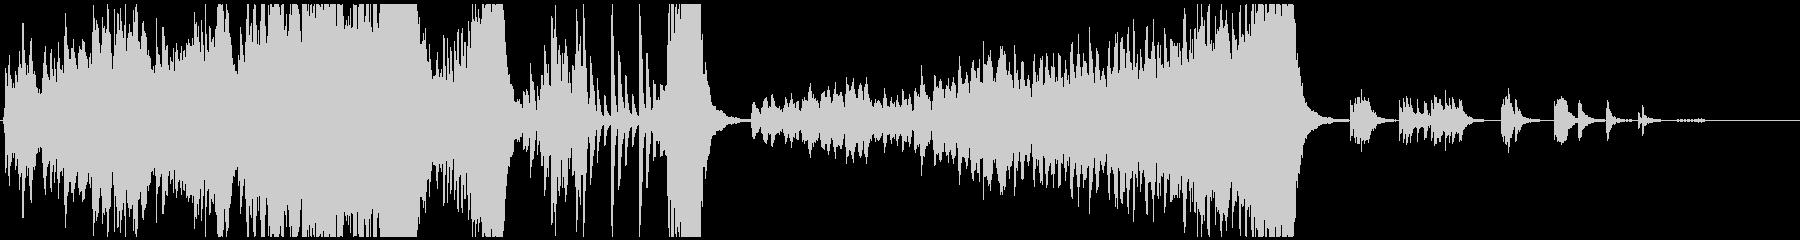 変拍子と転調のあるオーケストラ曲の未再生の波形